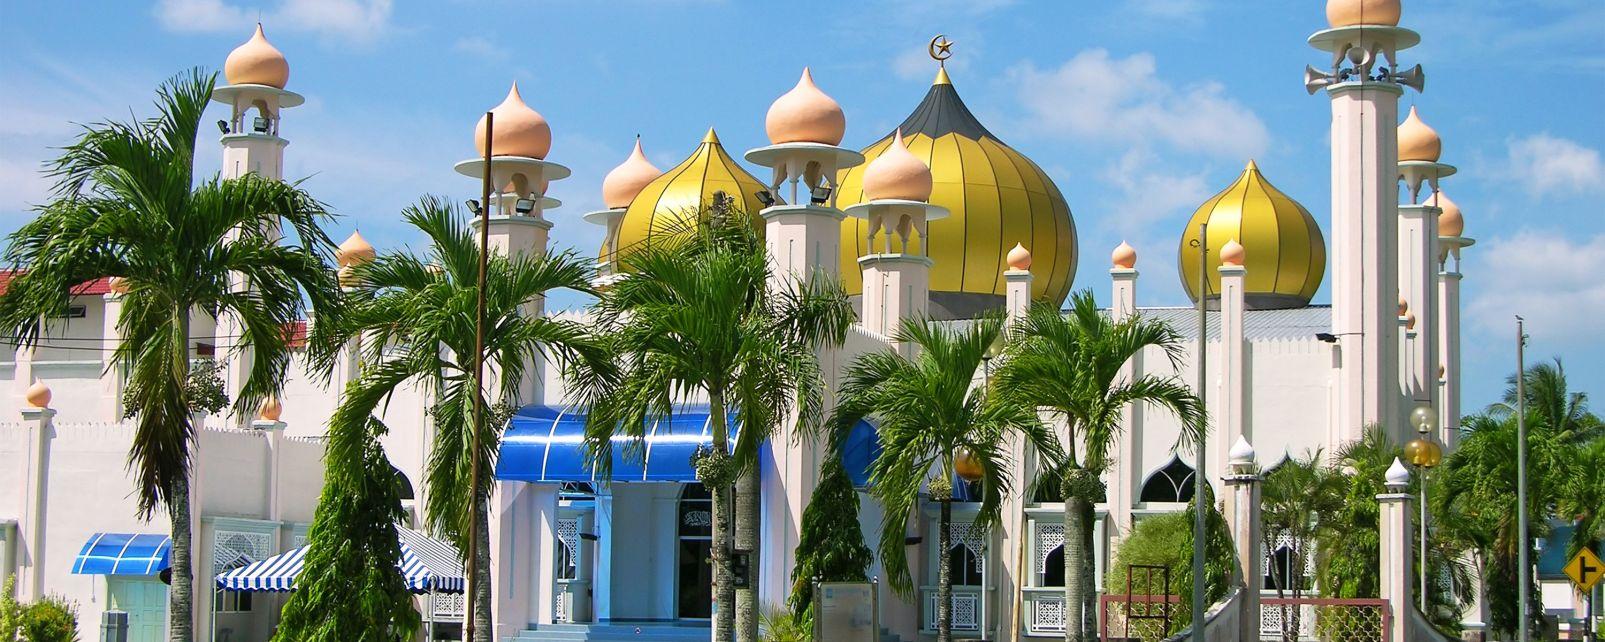 Kuah Town, Langkawi, Malaisie, La ville de Kuah